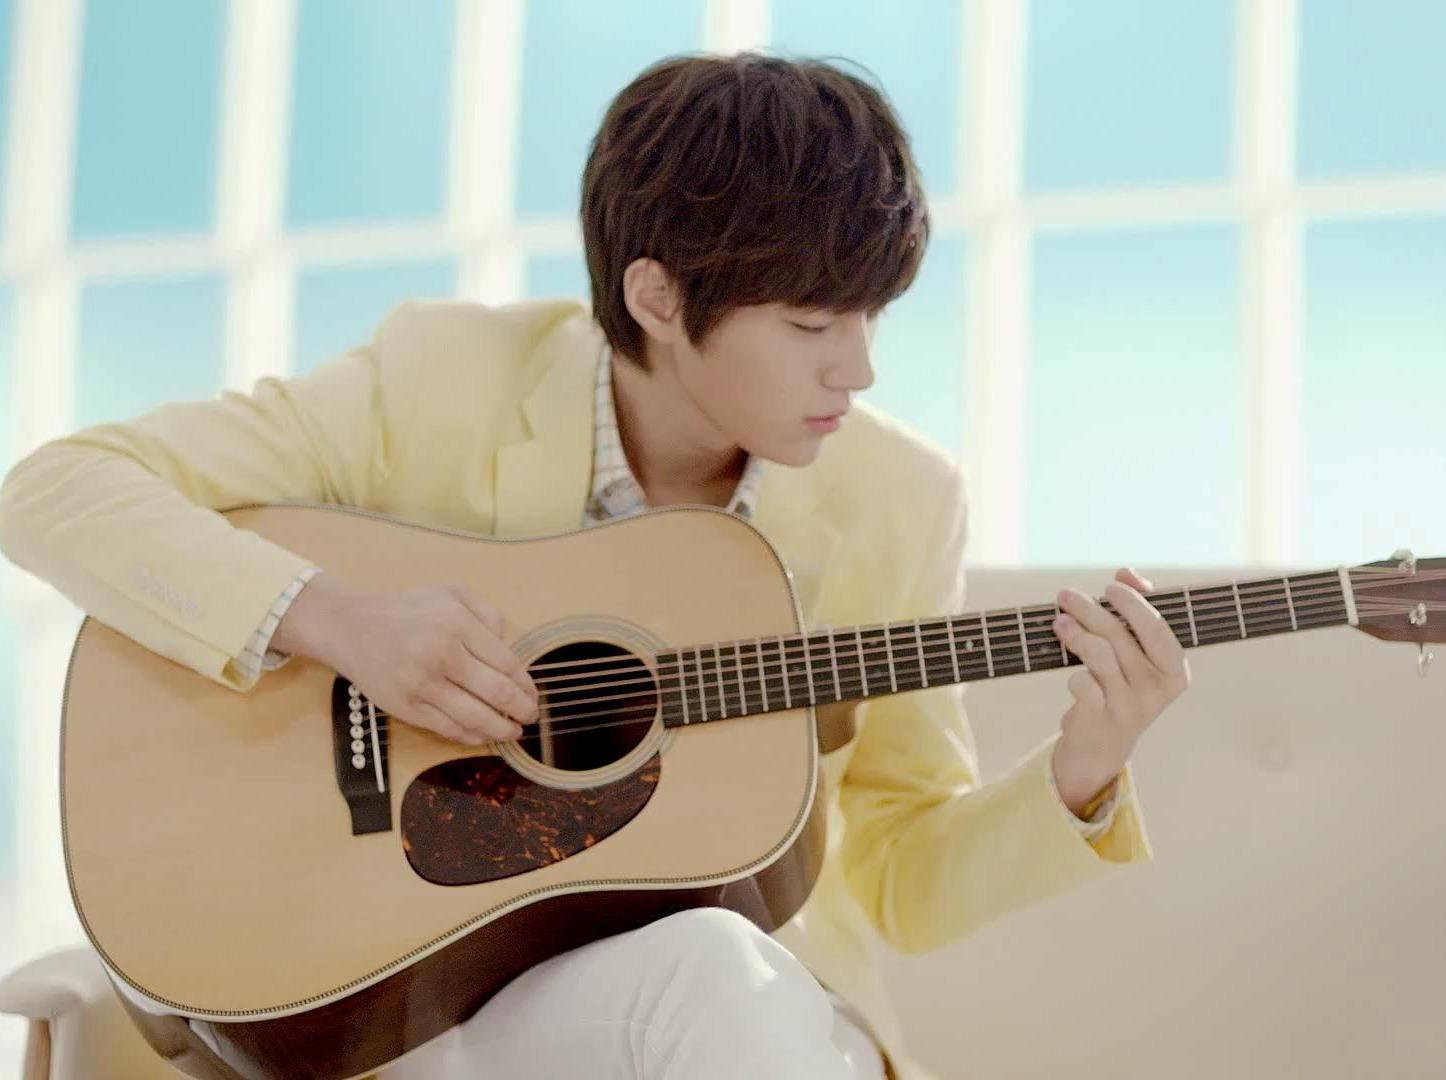 一起来免费学吉他吧